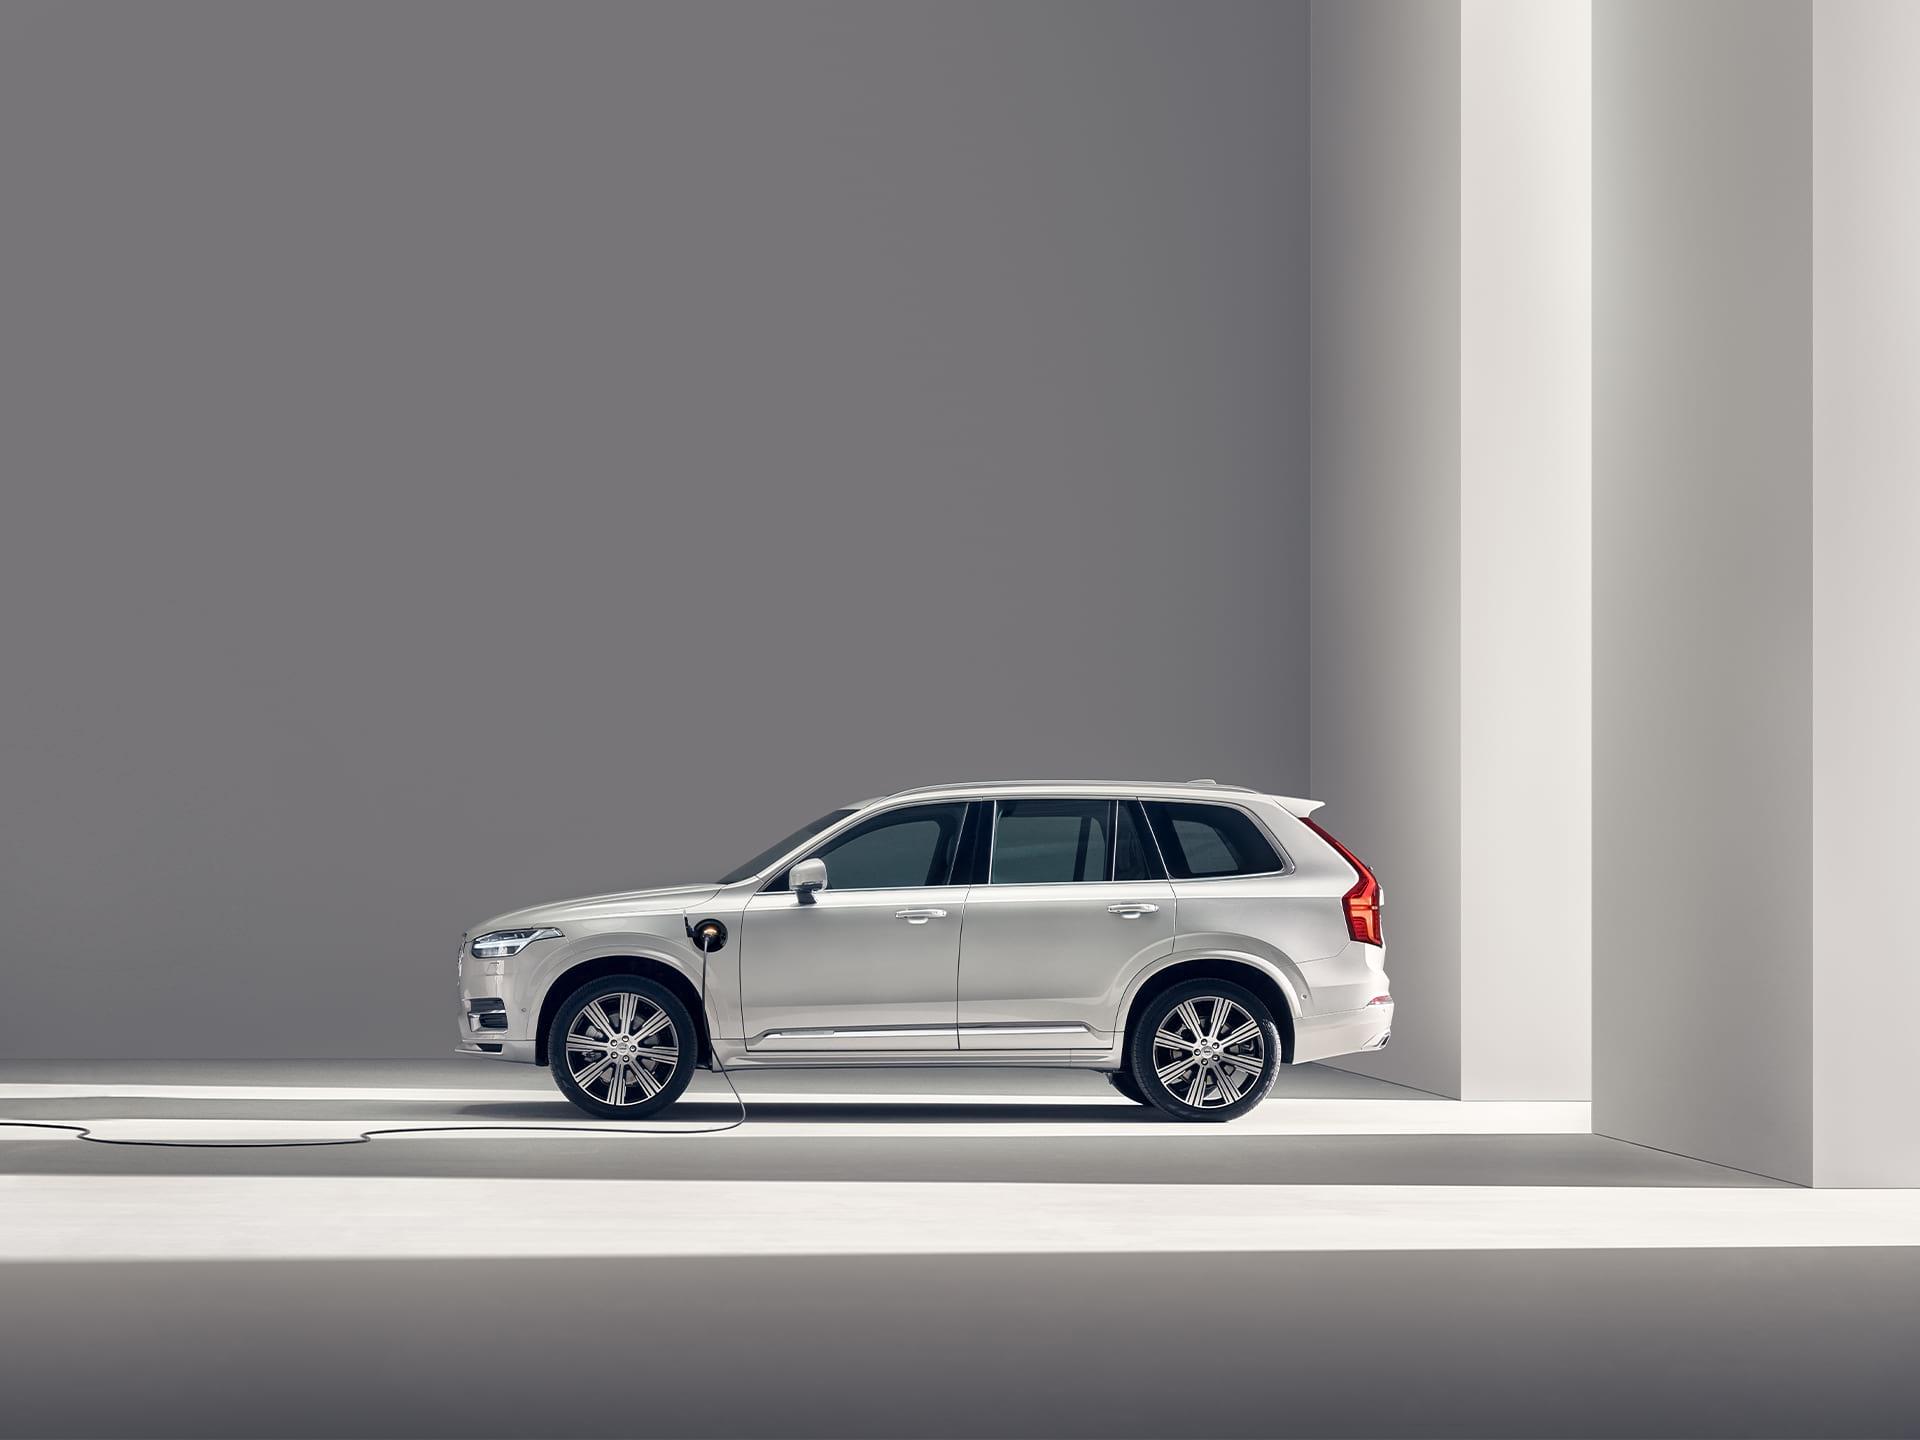 Siv popolnoma električen Volvo SUV XC40 se polni na rožnatem prostoru